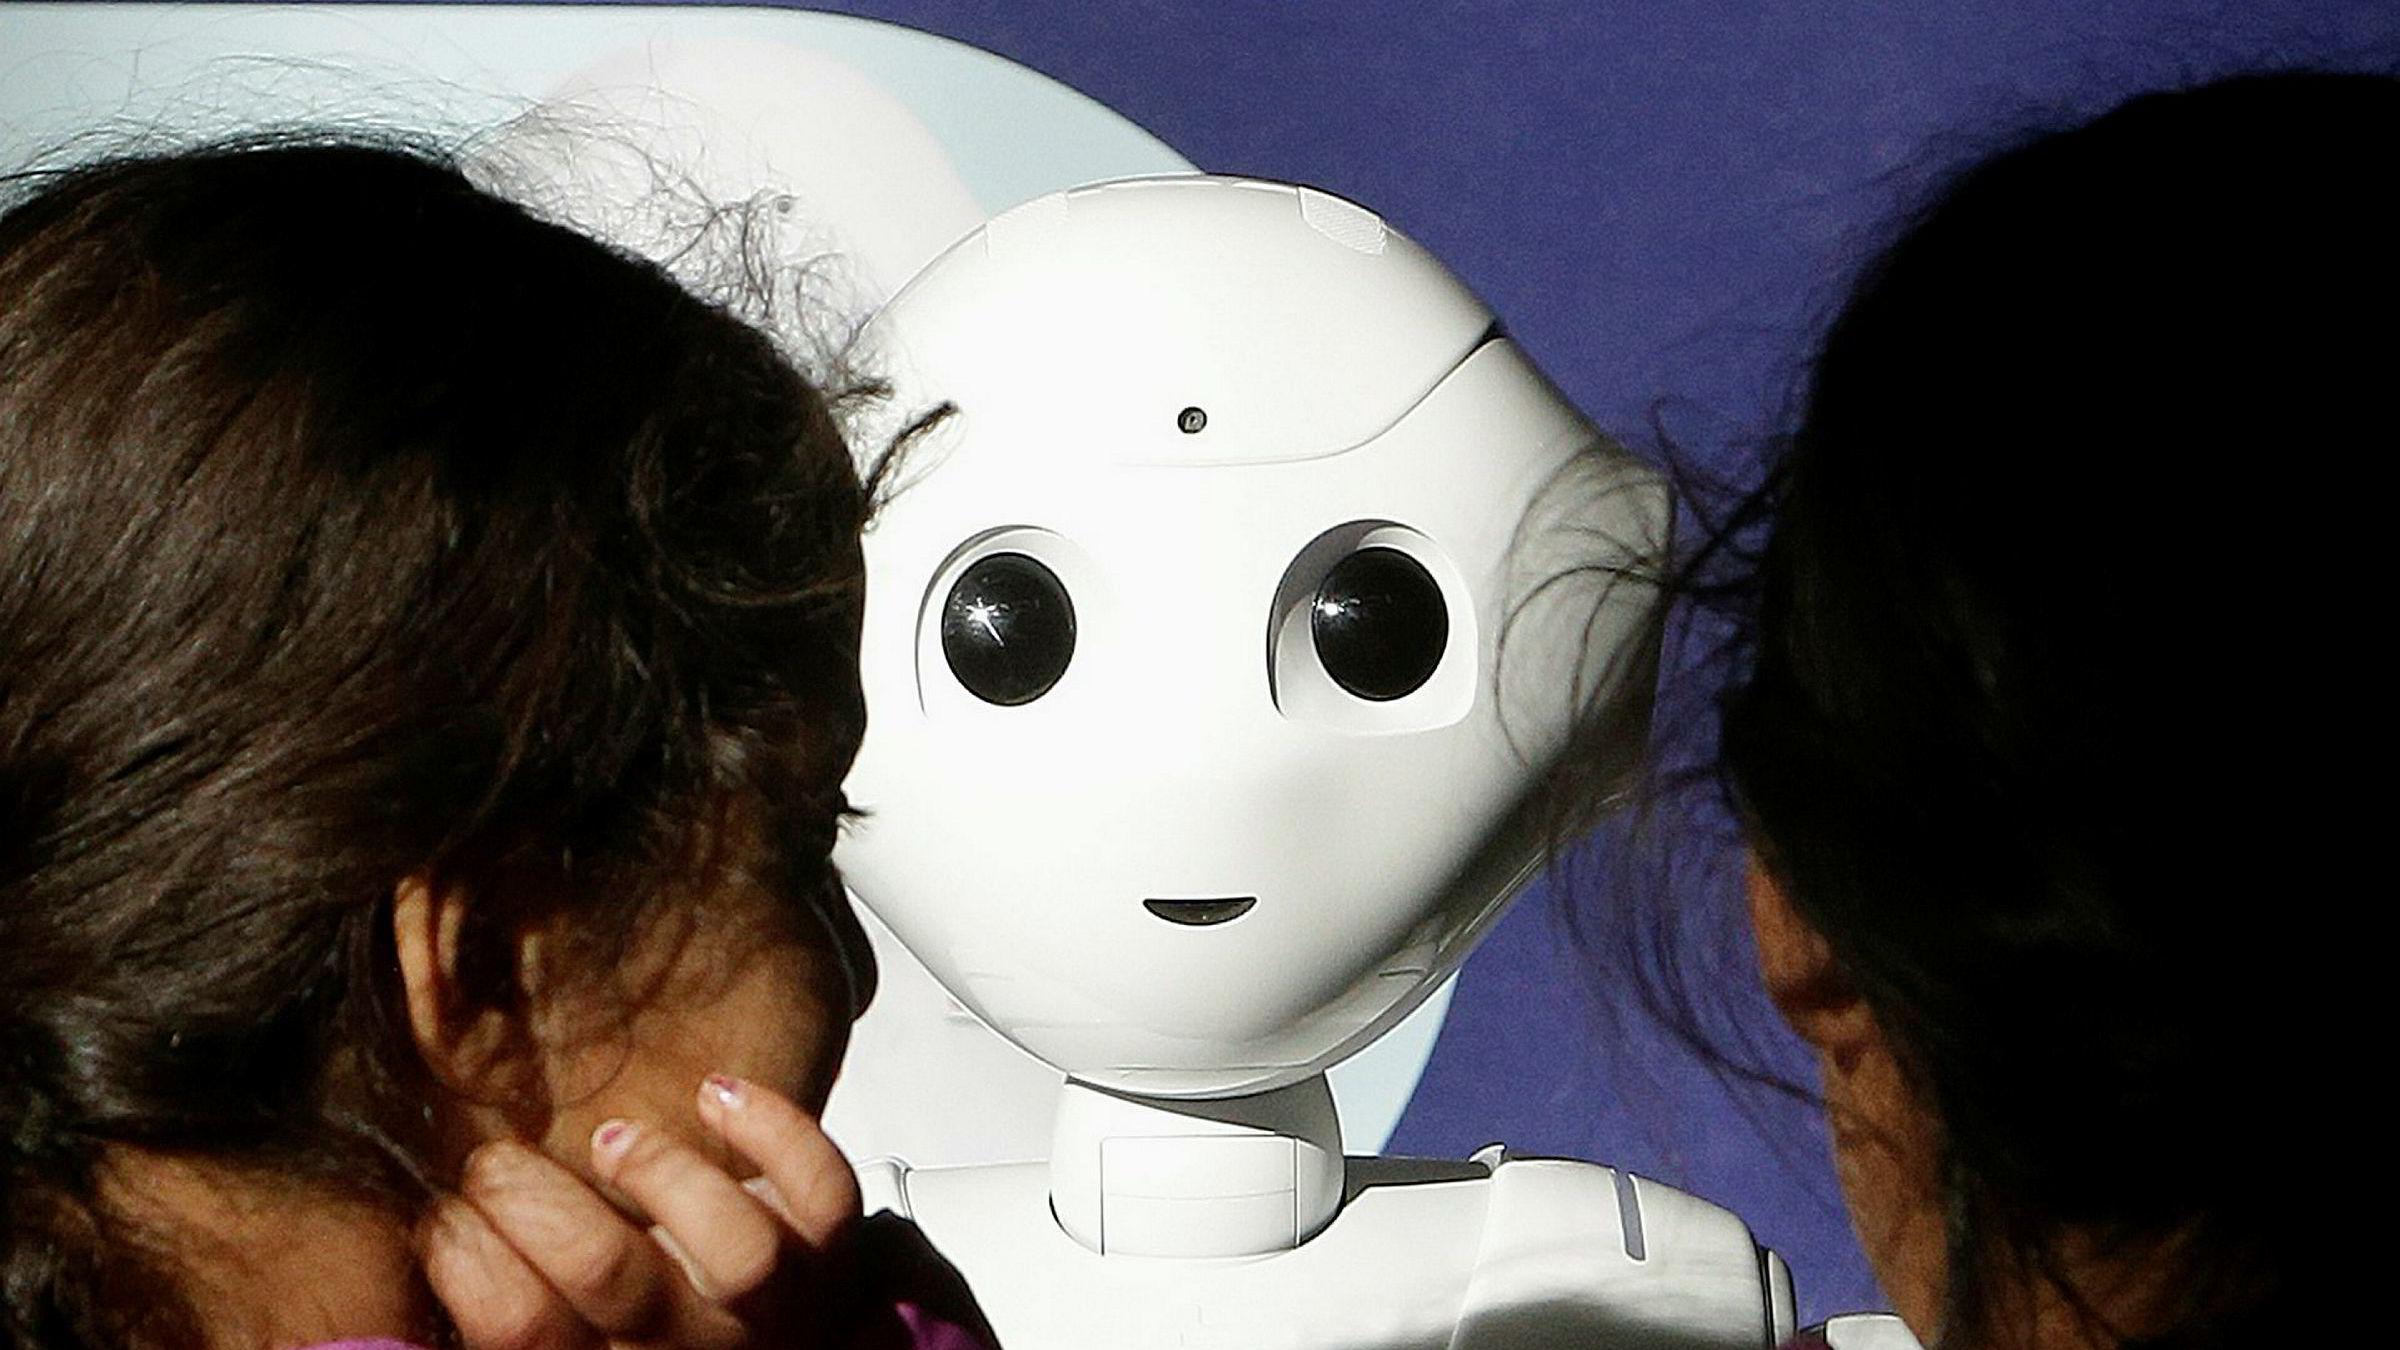 To søstre leker med roboten Pepper på et kjøpesenter i San Francisco. Dette er en av de lengst fremskredne menneskelignende robotene.